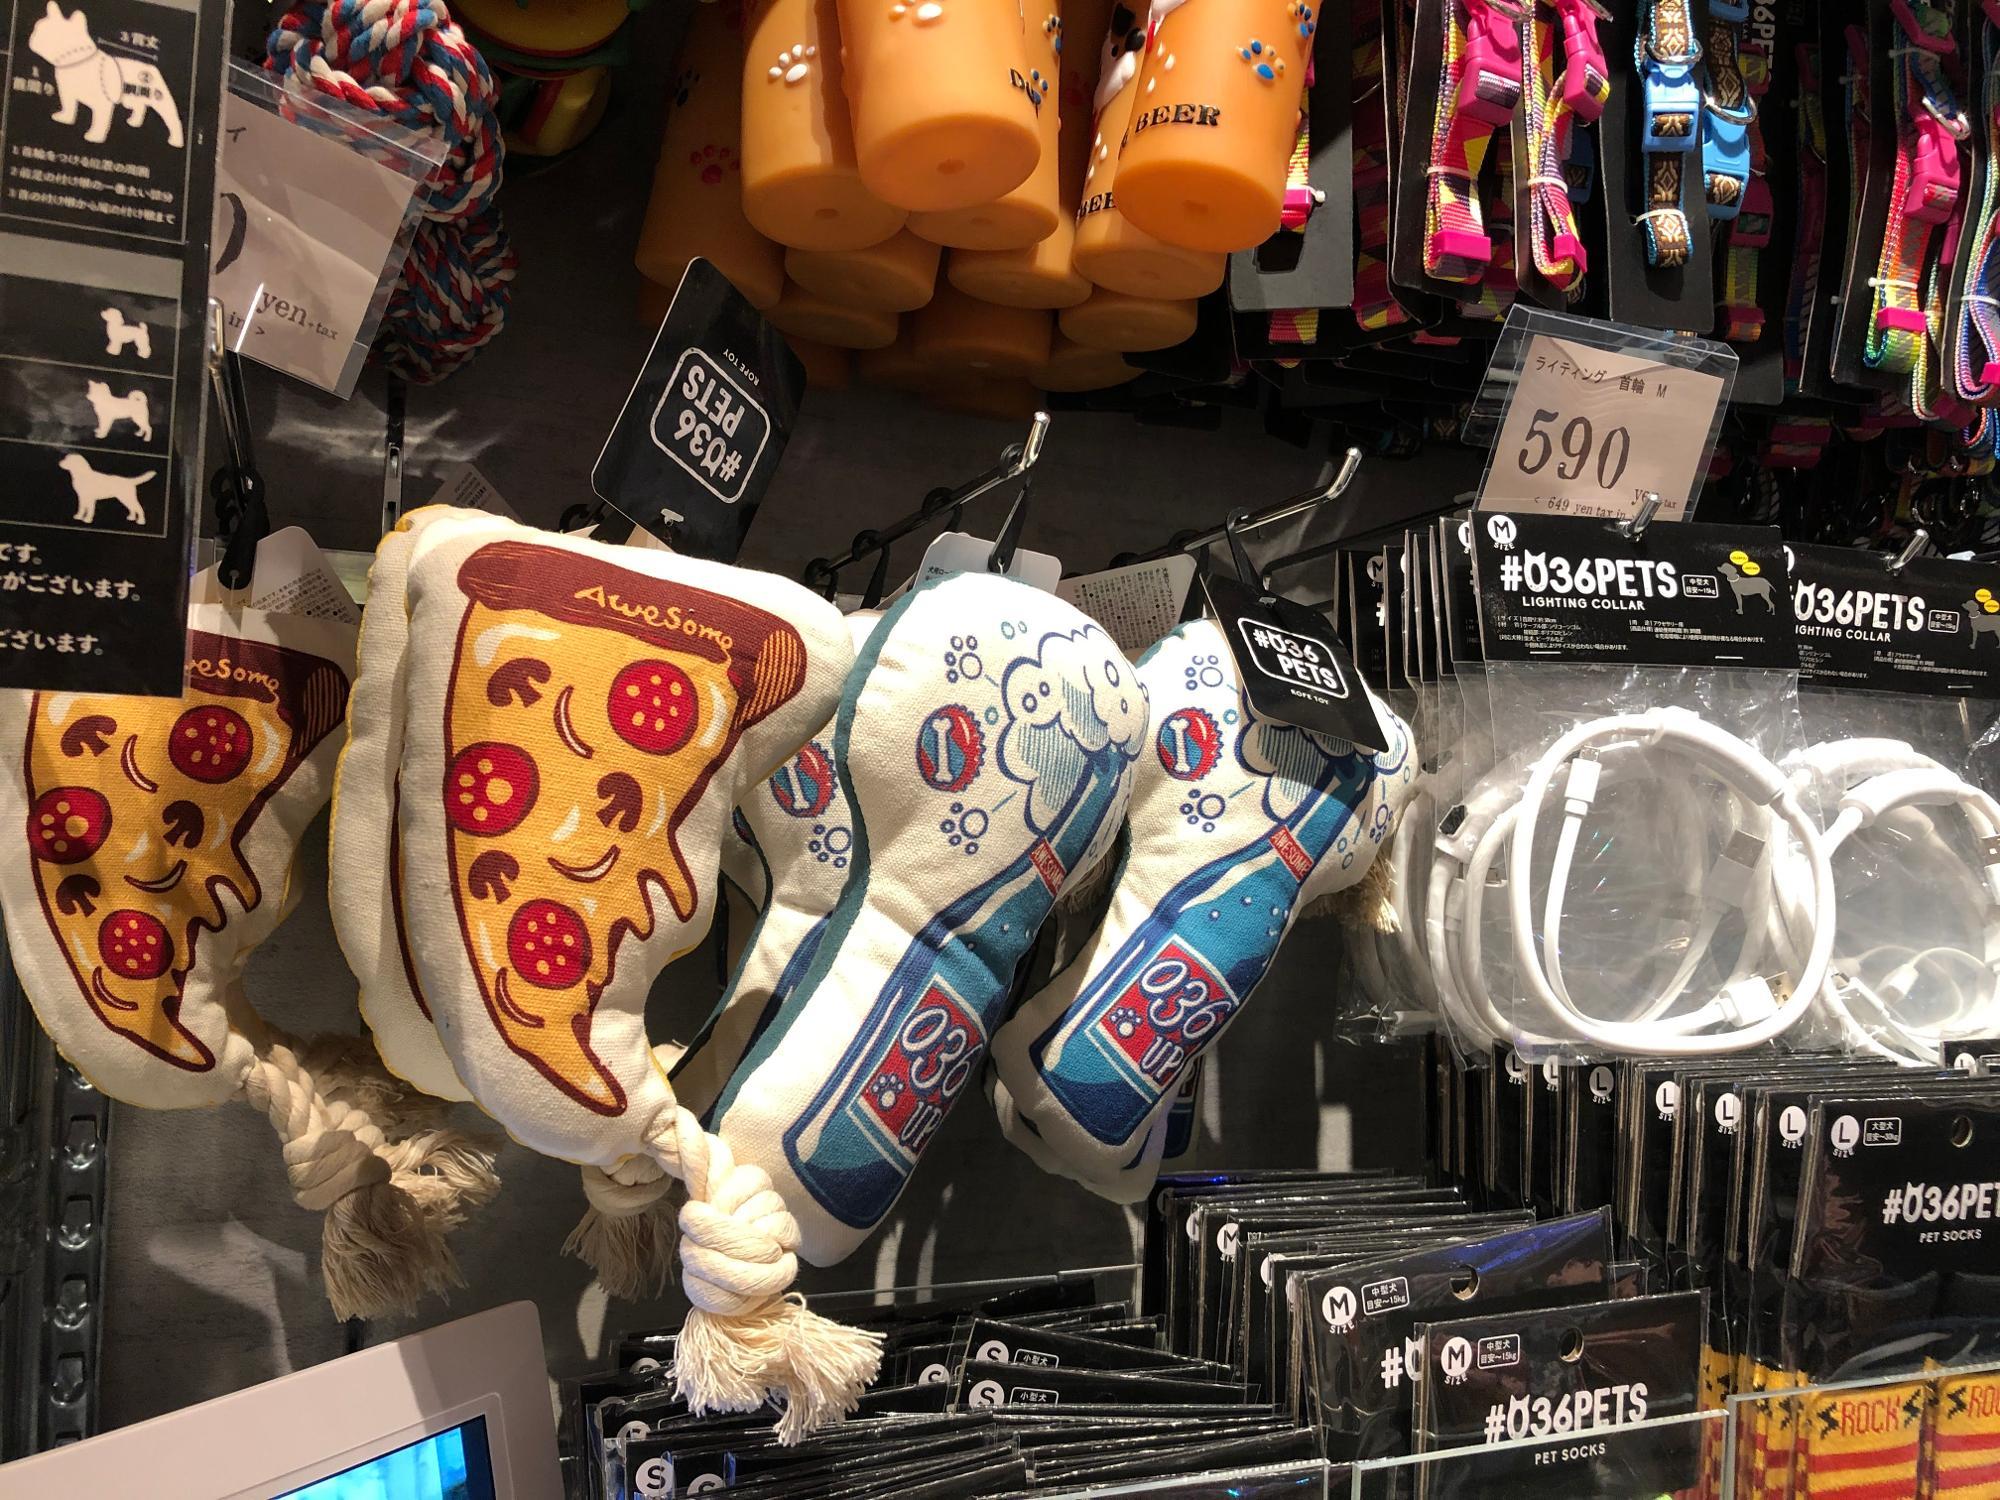 ペットトイロープ・ピザ(左)とボトル(右)(どちらも490円)